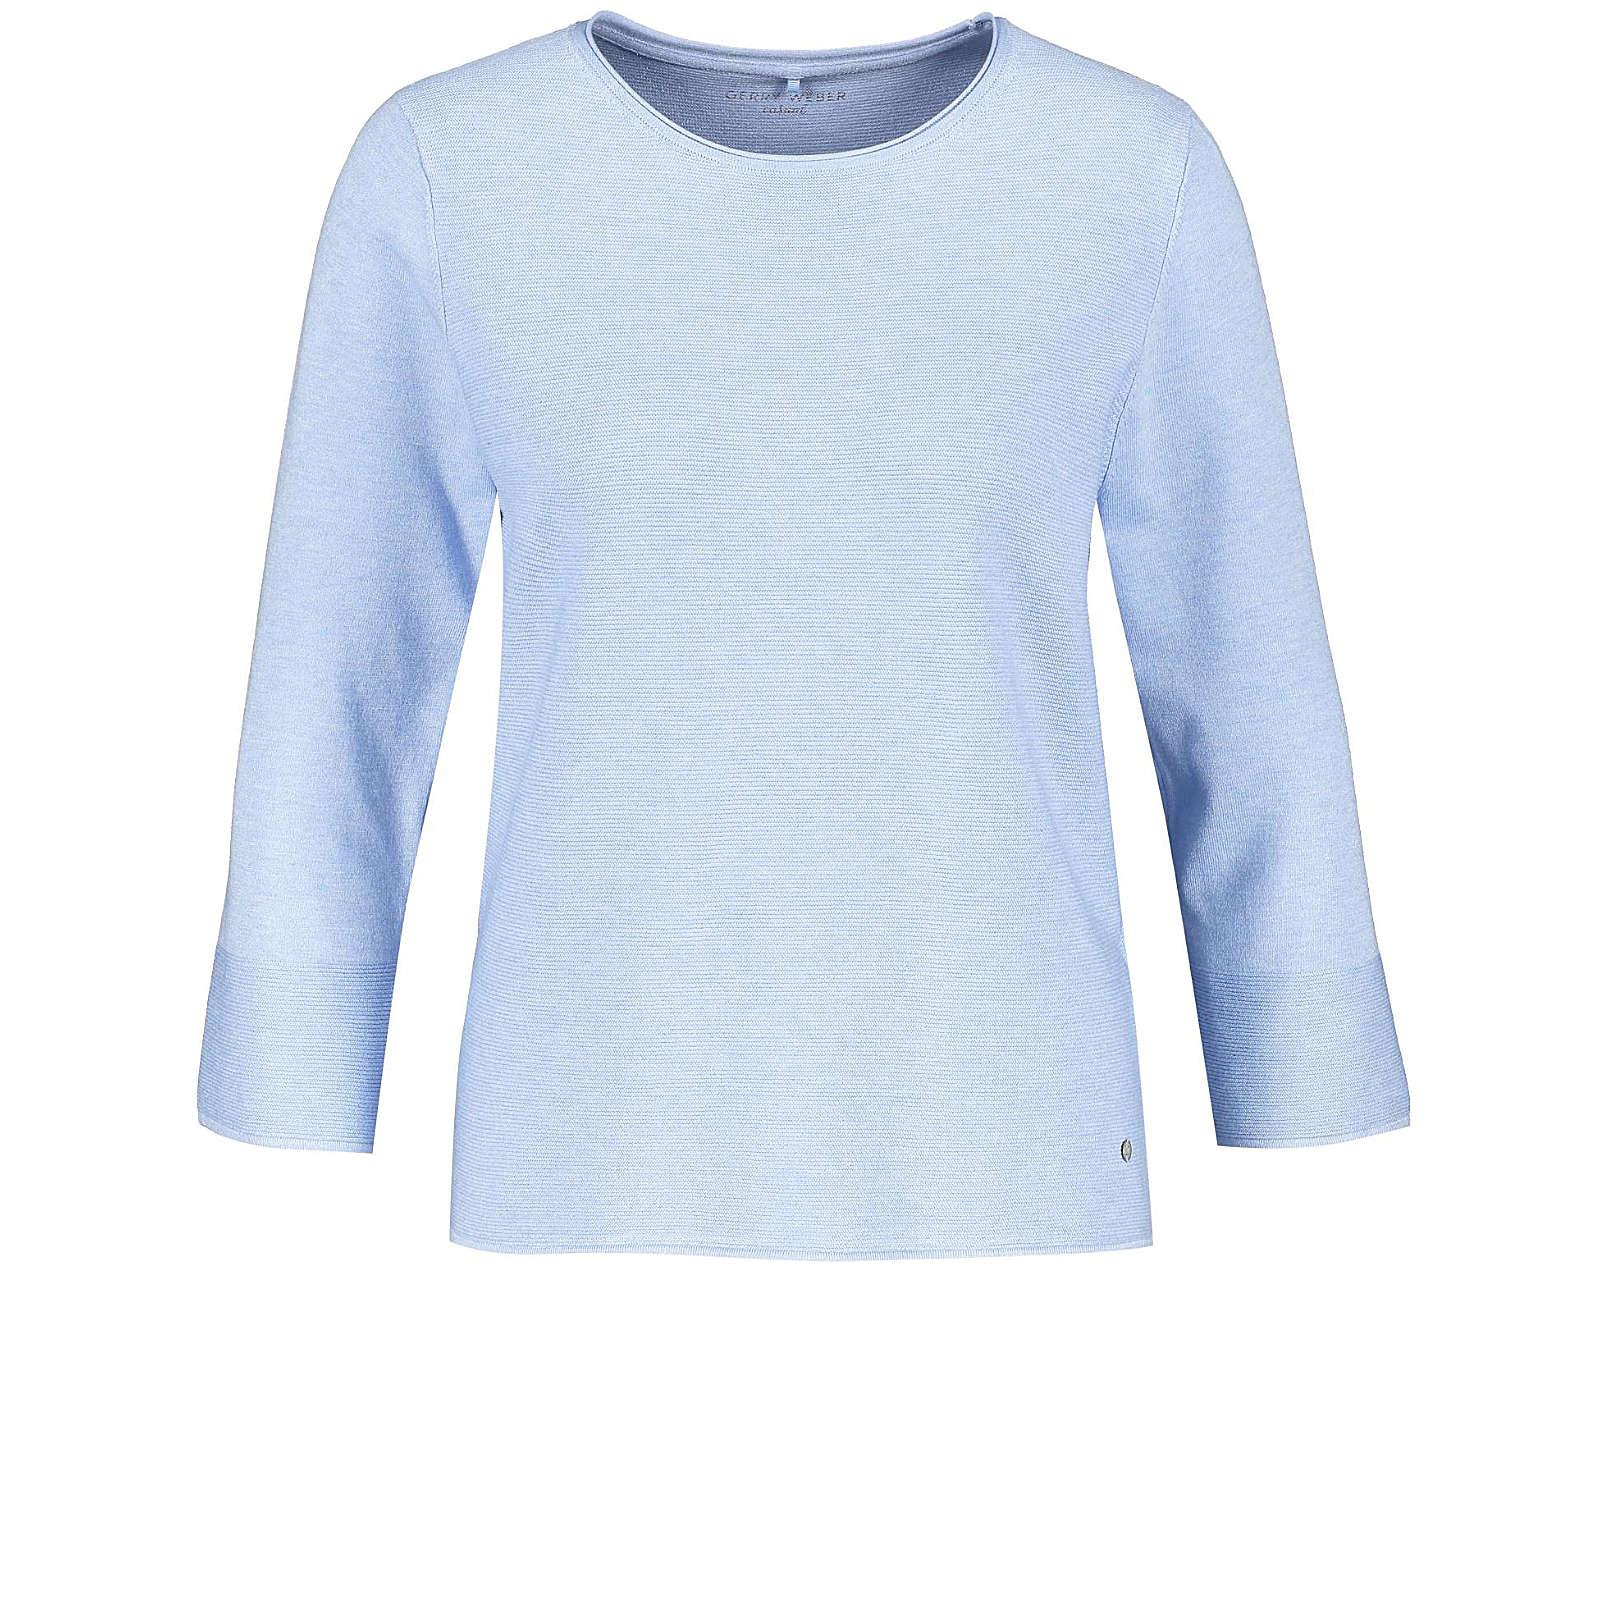 Gerry Weber Pullover 3/4 Arm Rundhals 3/4 Arm Pullover mit Strukturstrick mehrfarbig Damen Gr. 48